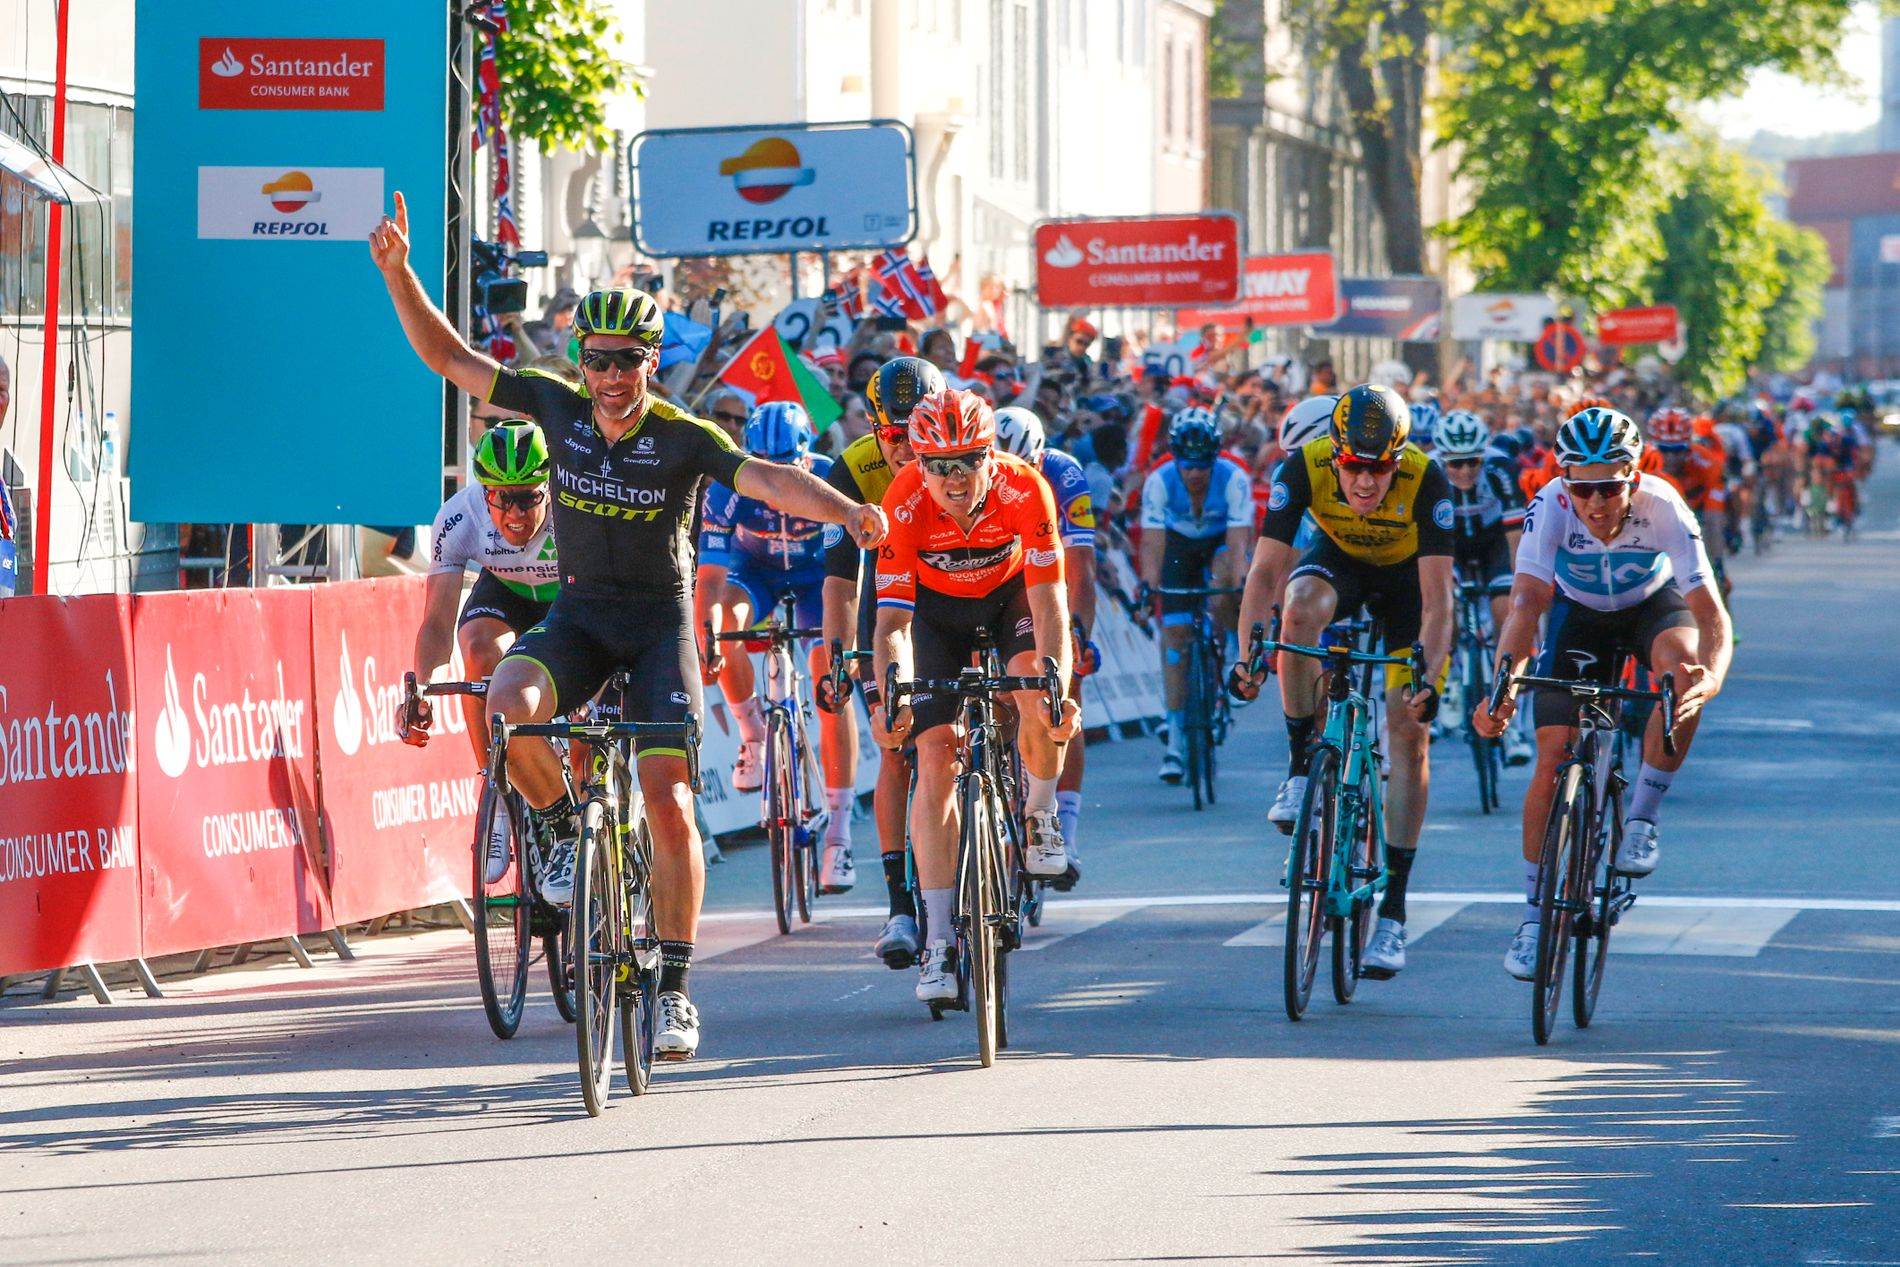 Så nære var Kristoffer Halvorsen å vinne Tour des Fjords-etappen i Kristiansand i 2018. Nå får han en ny sjanse til å vinne spurten i Tresse under neste års NM i Kristiansand.